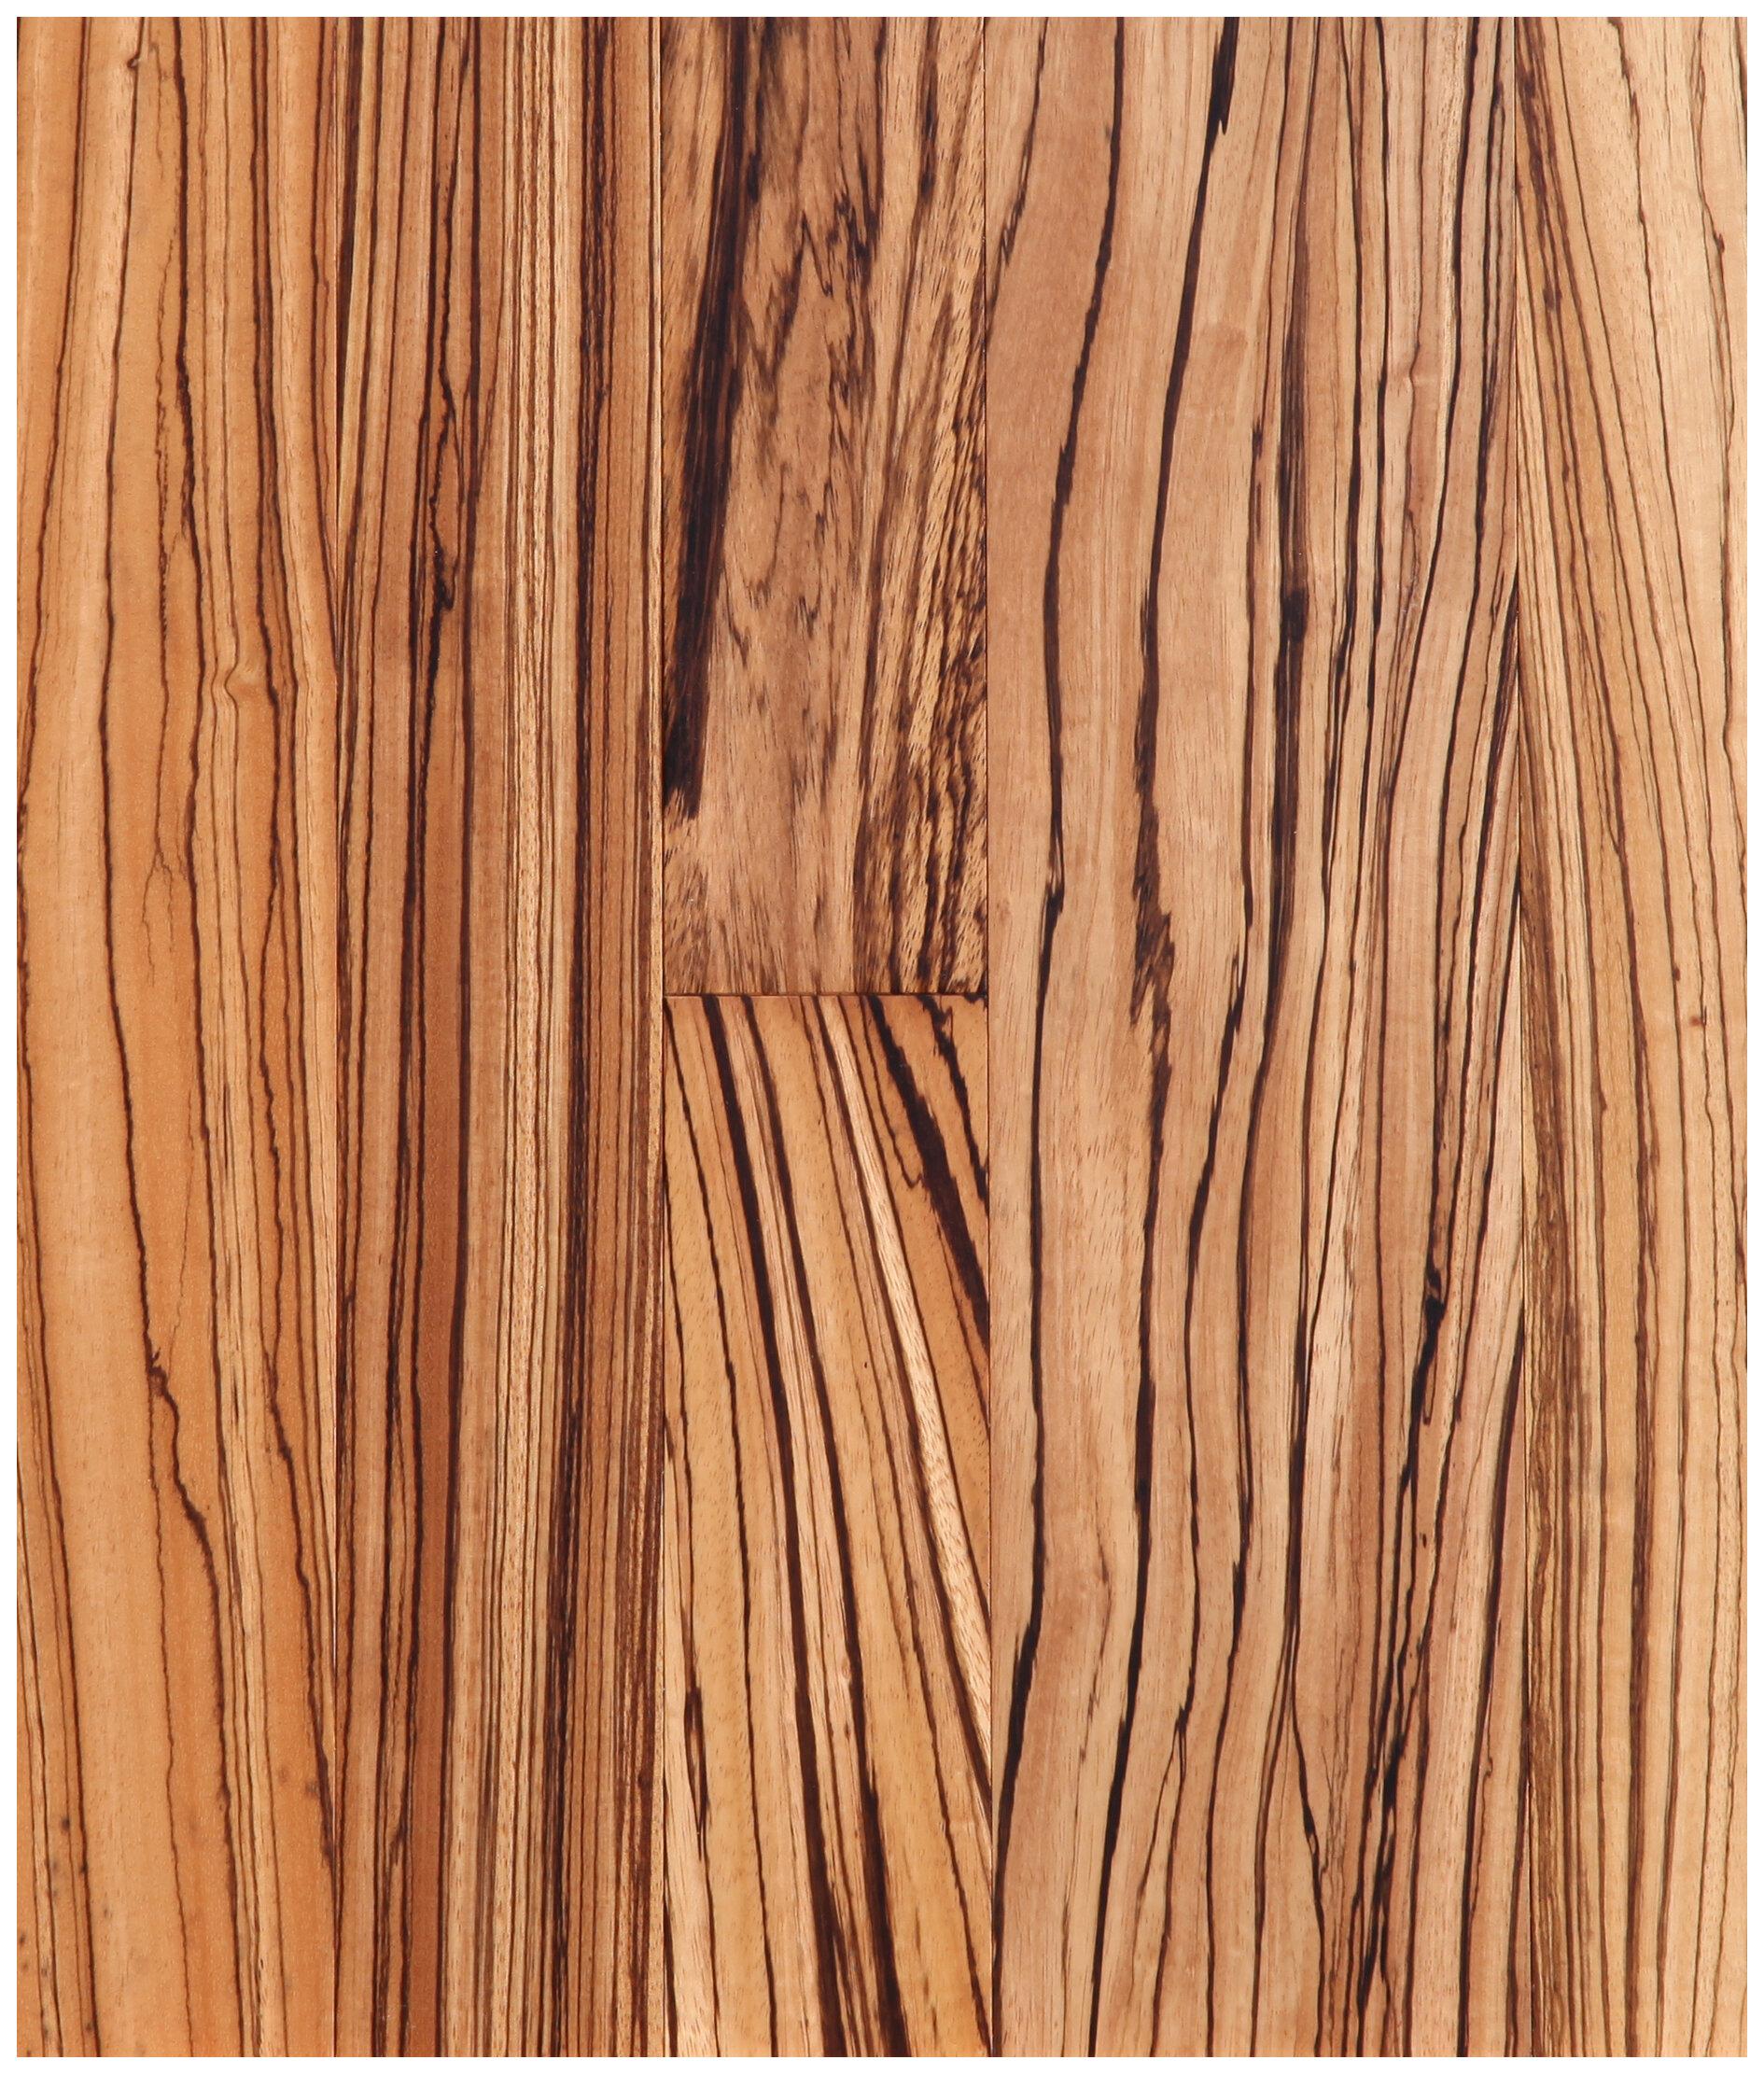 easoon usa african heritage 5 engineered zebrawood hardwood